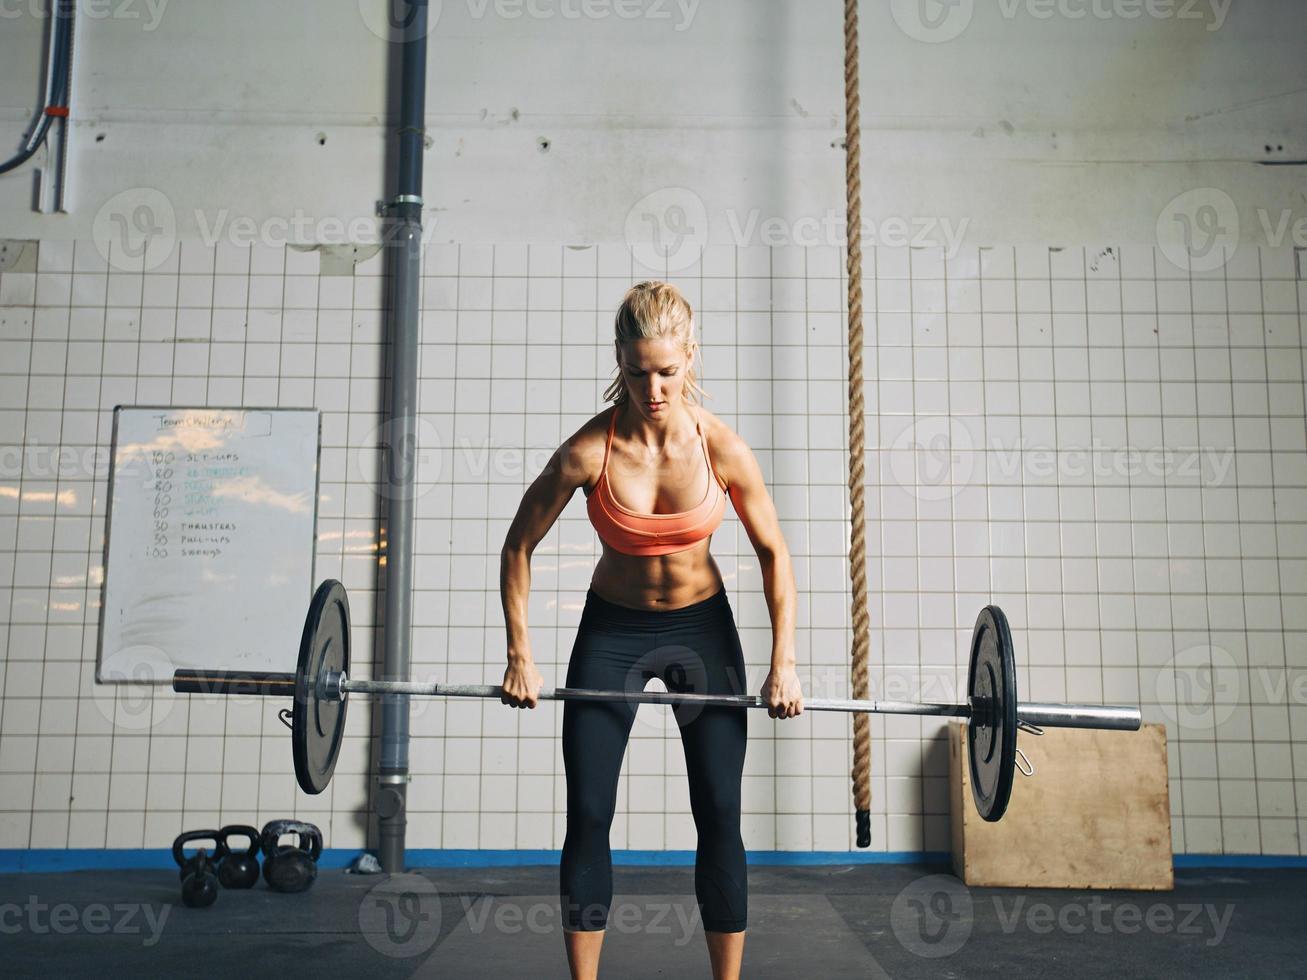 sportschool vrouw tillen van zware gewichten in de sportschool foto